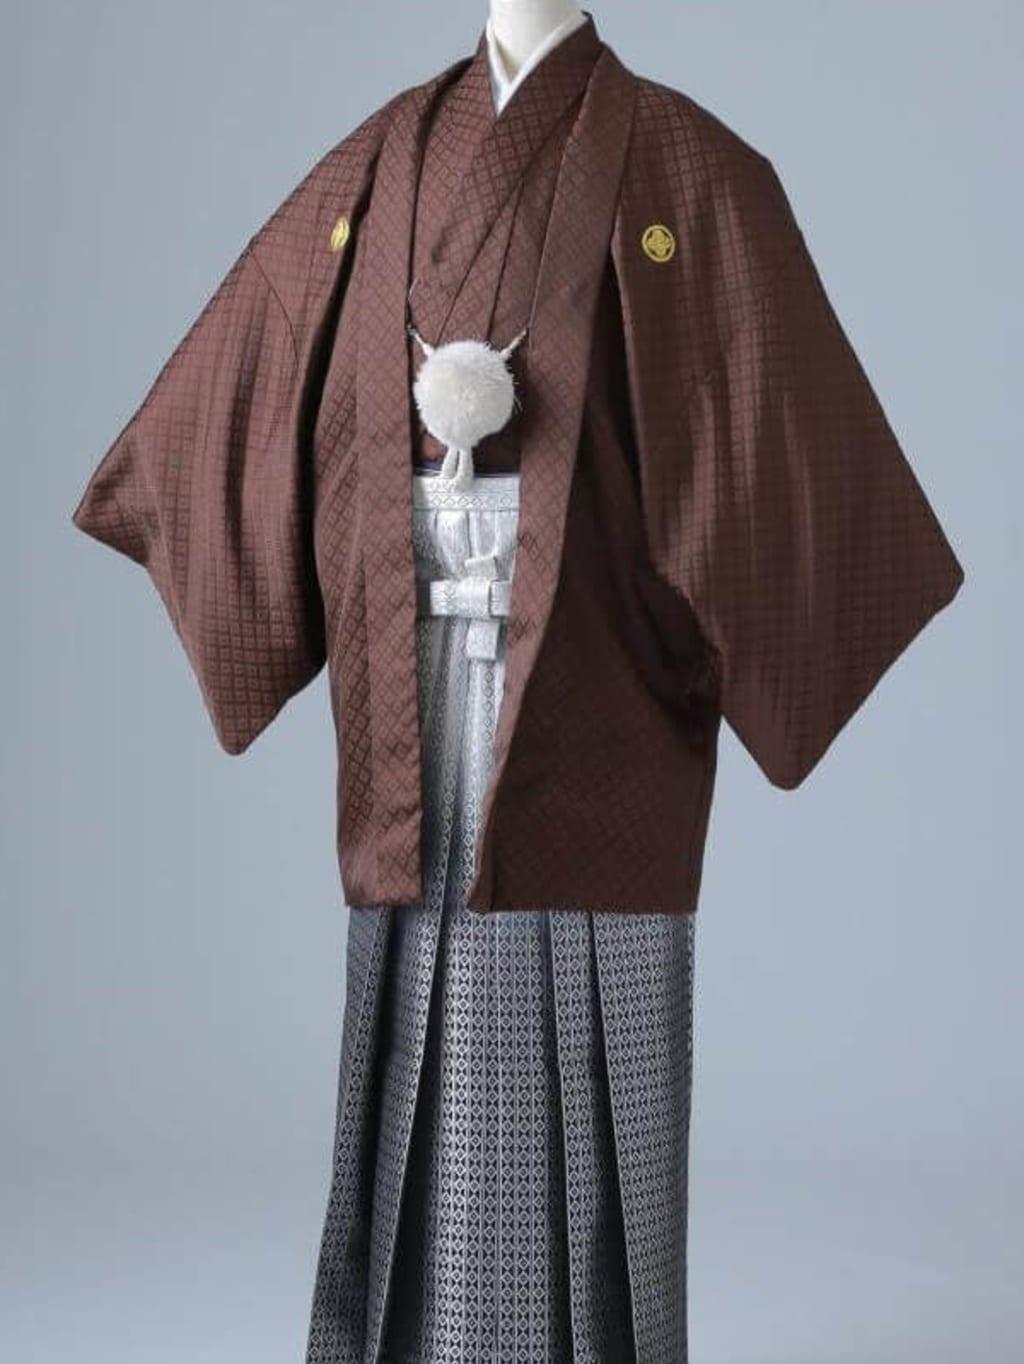 ブラウン紋服 グラデーション袴_横浜店